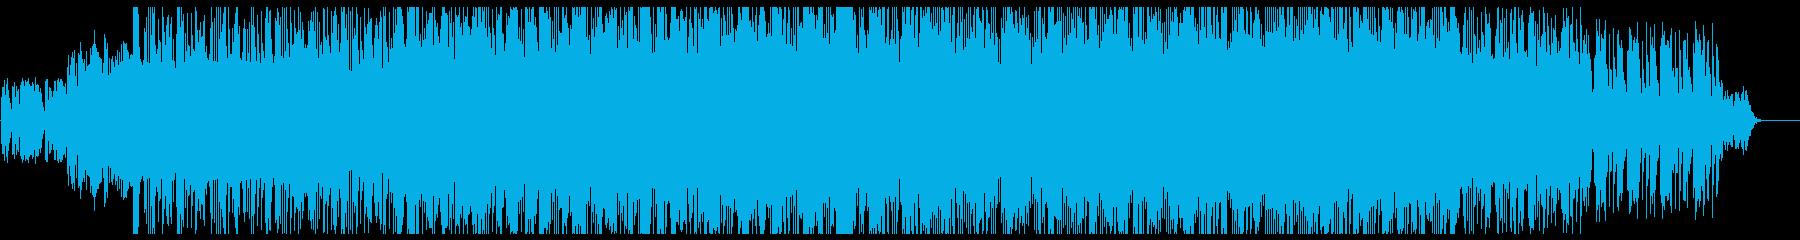 アナログシンセの80sロックの再生済みの波形